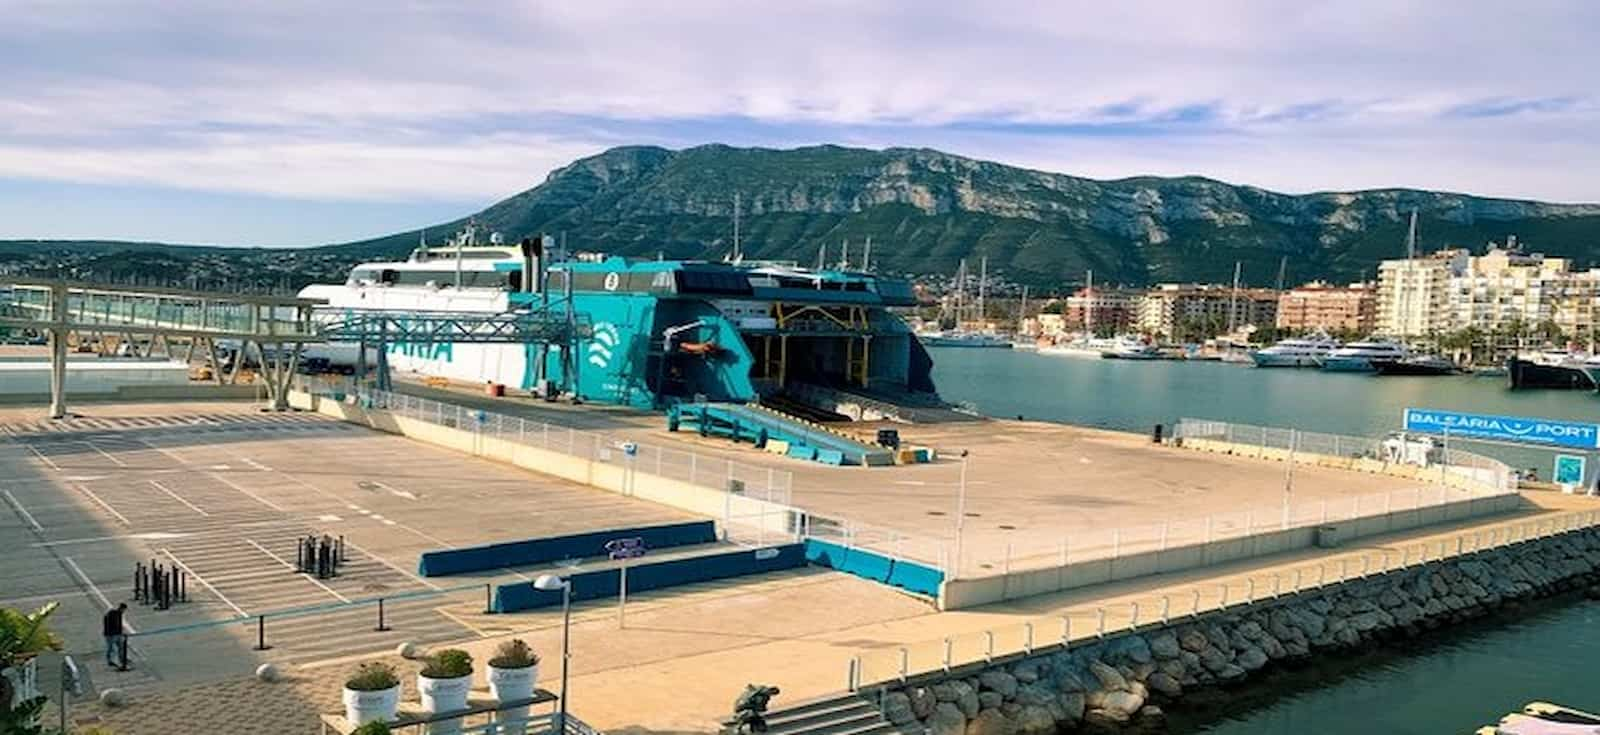 El nuevo buque sostenible de Balearia